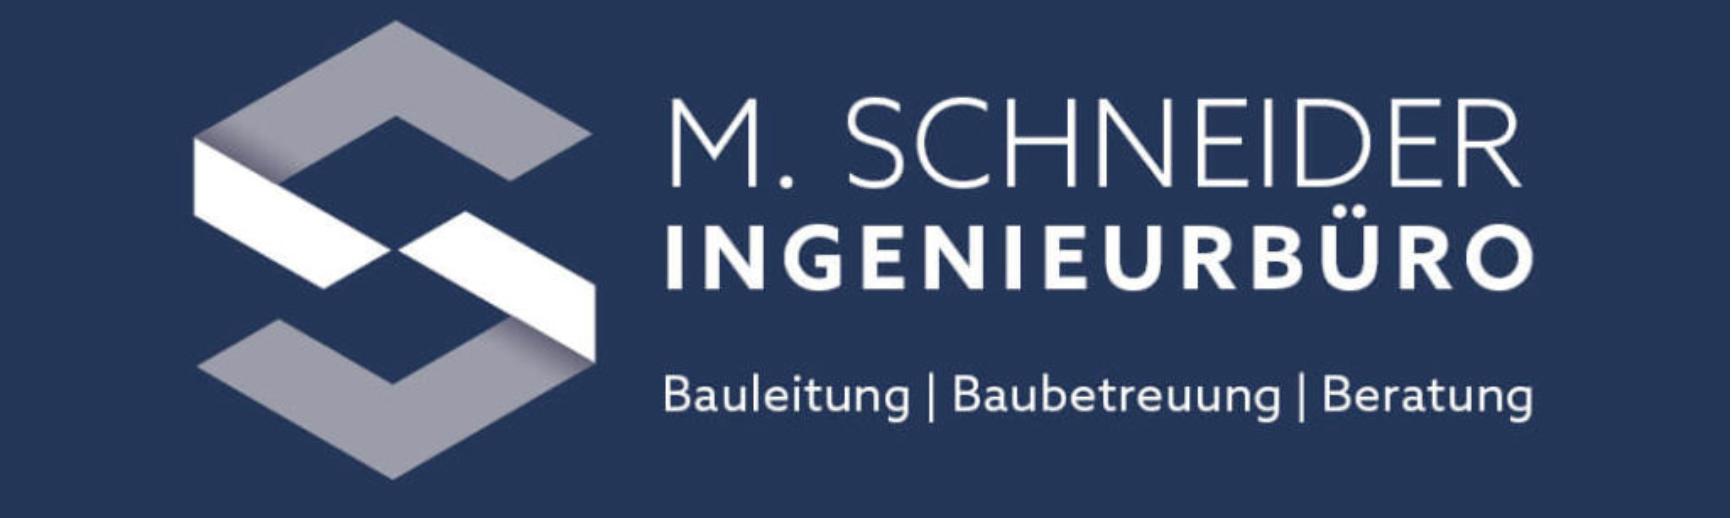 M. SCHNEIDER